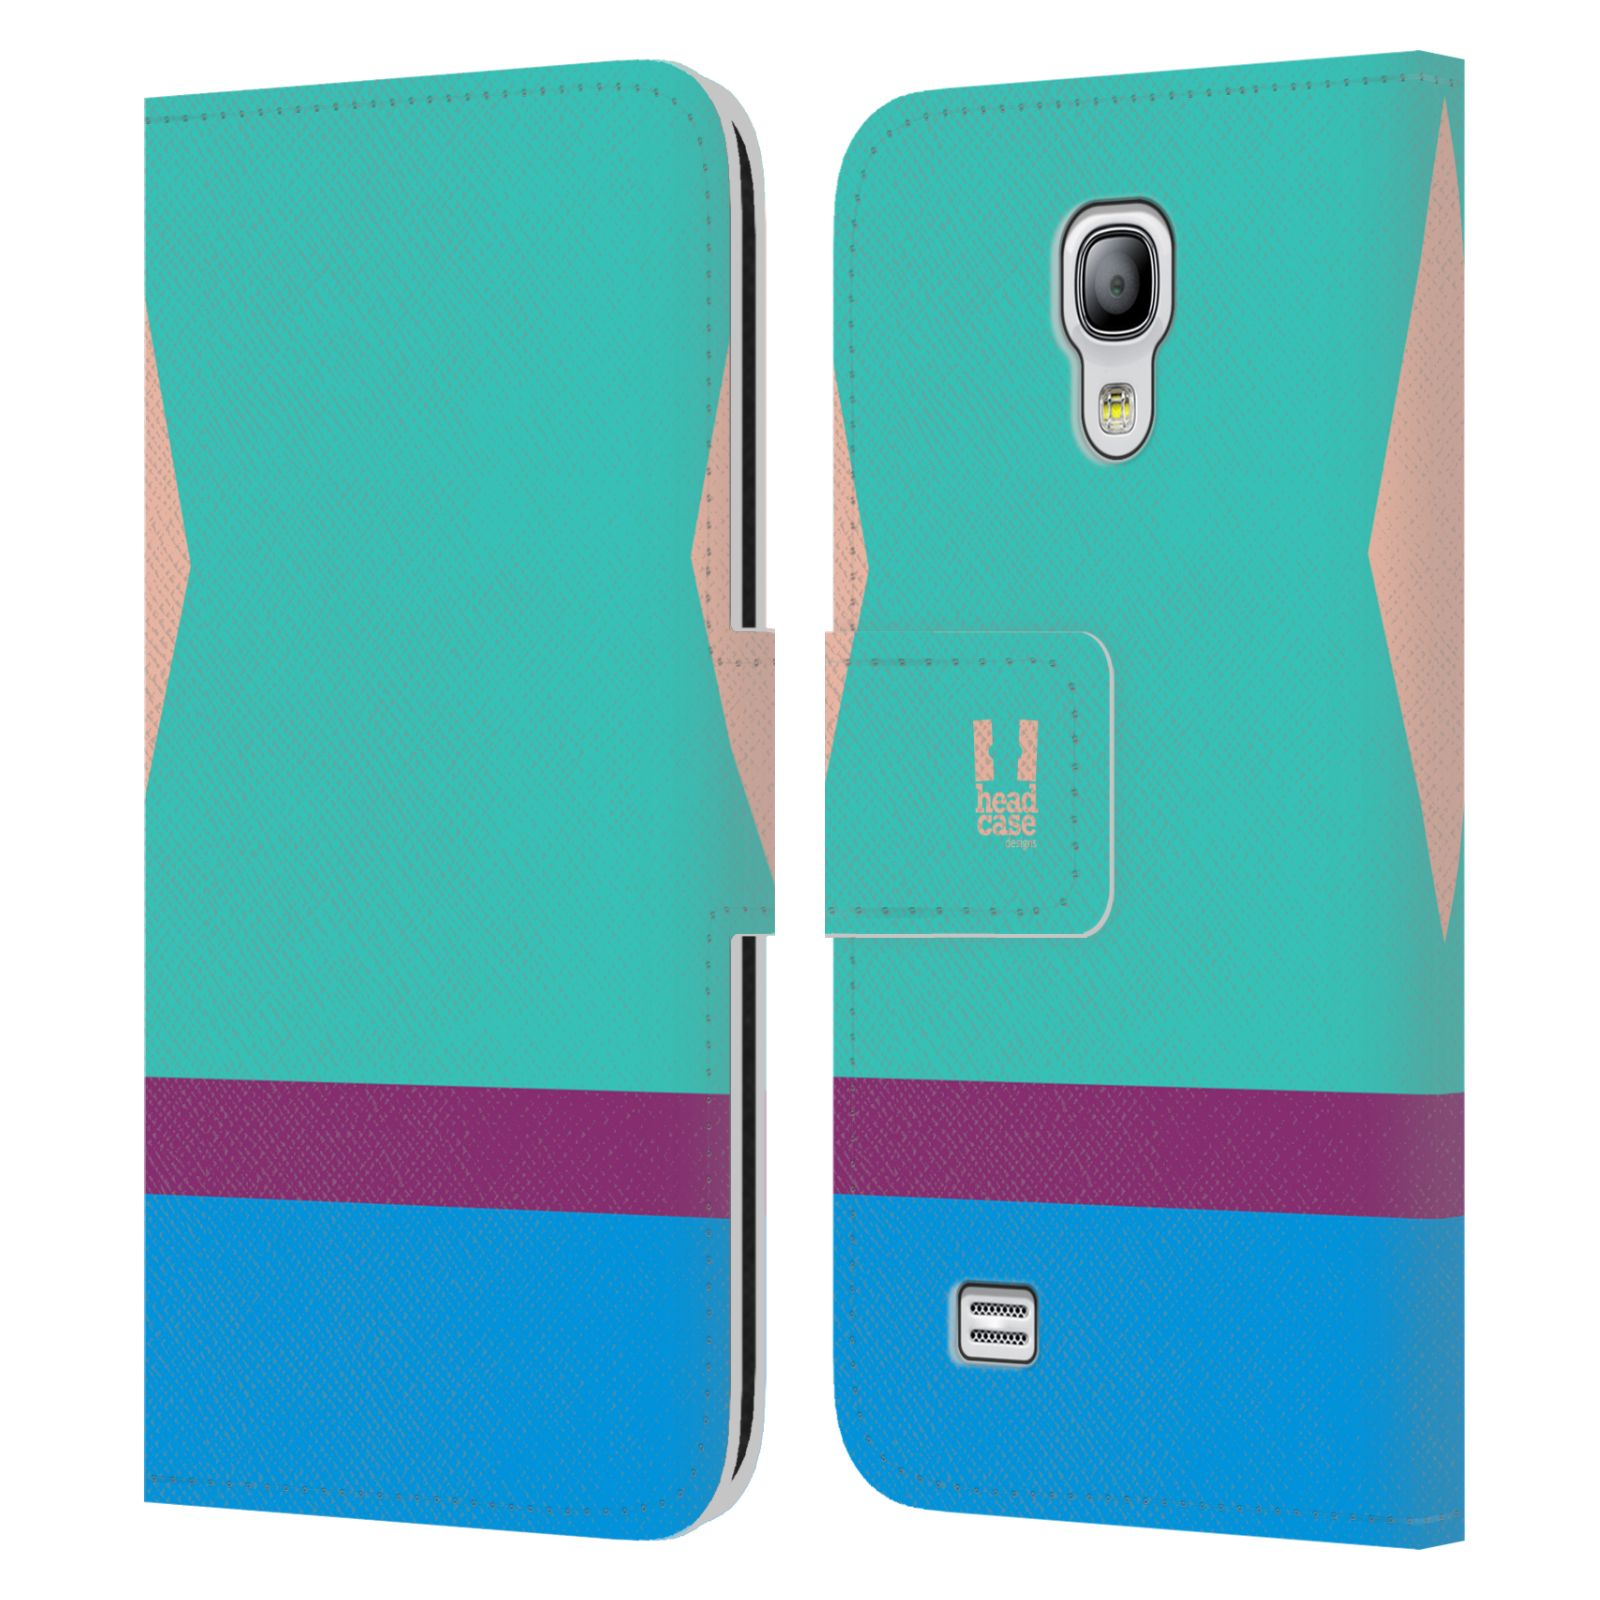 HEAD CASE Flipové pouzdro pro mobil Samsung Galaxy S4 MINI barevné tvary modrá a fialový pruh